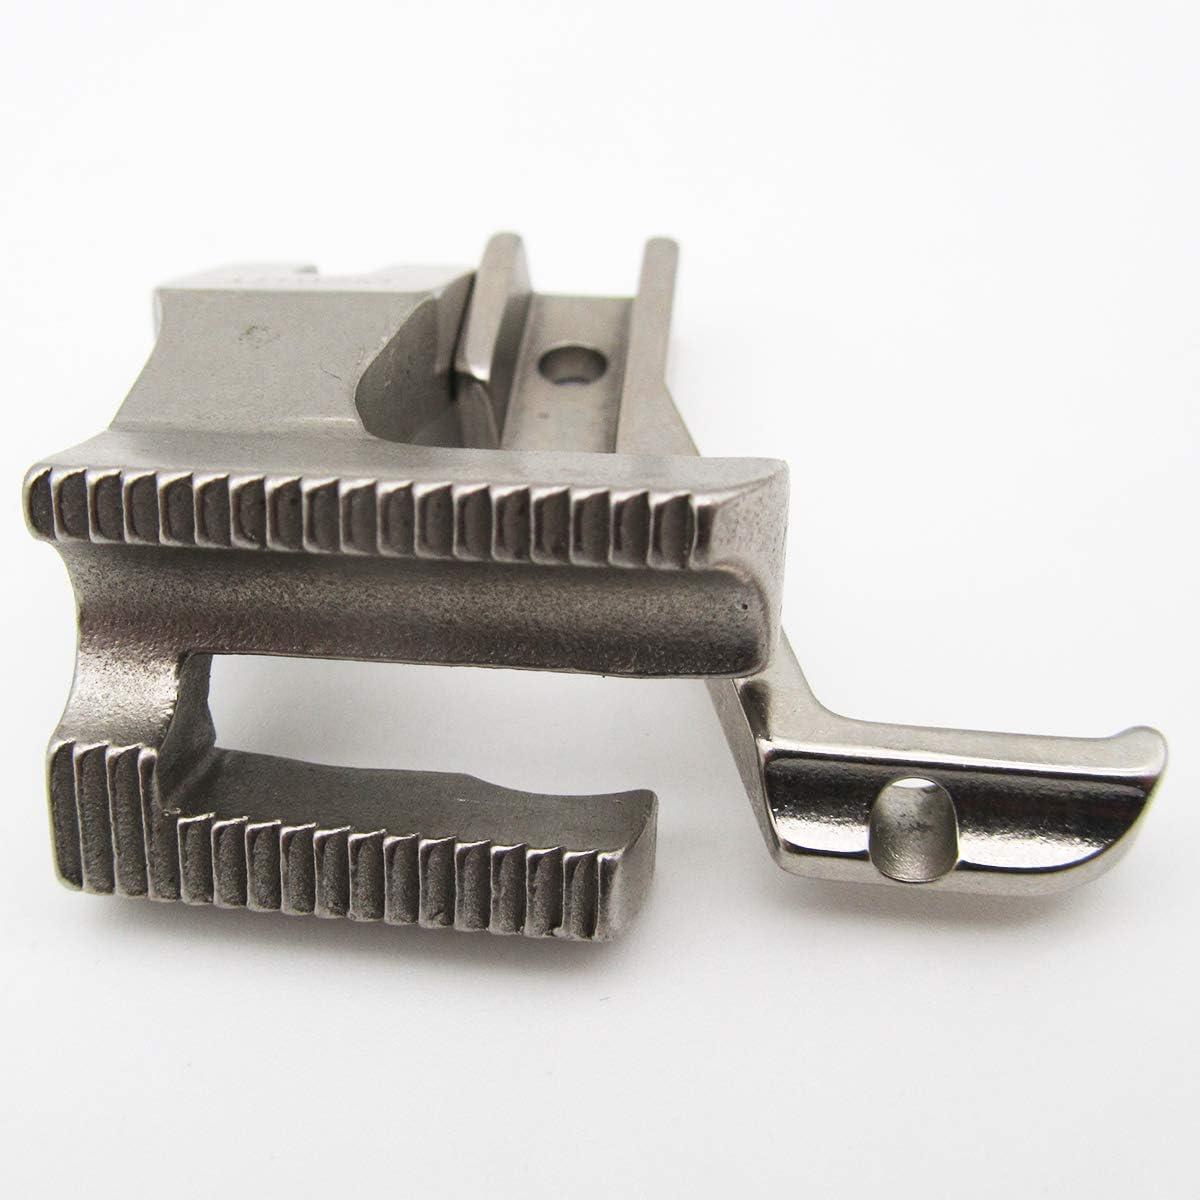 1//4 #U192+U193K 1SET Welting Foot Set fit for Juki DU-141 DU-1181 DU-1181N Chandler DY-337 Walking Foot Sewing Machine 6mm CKPSMS Brand